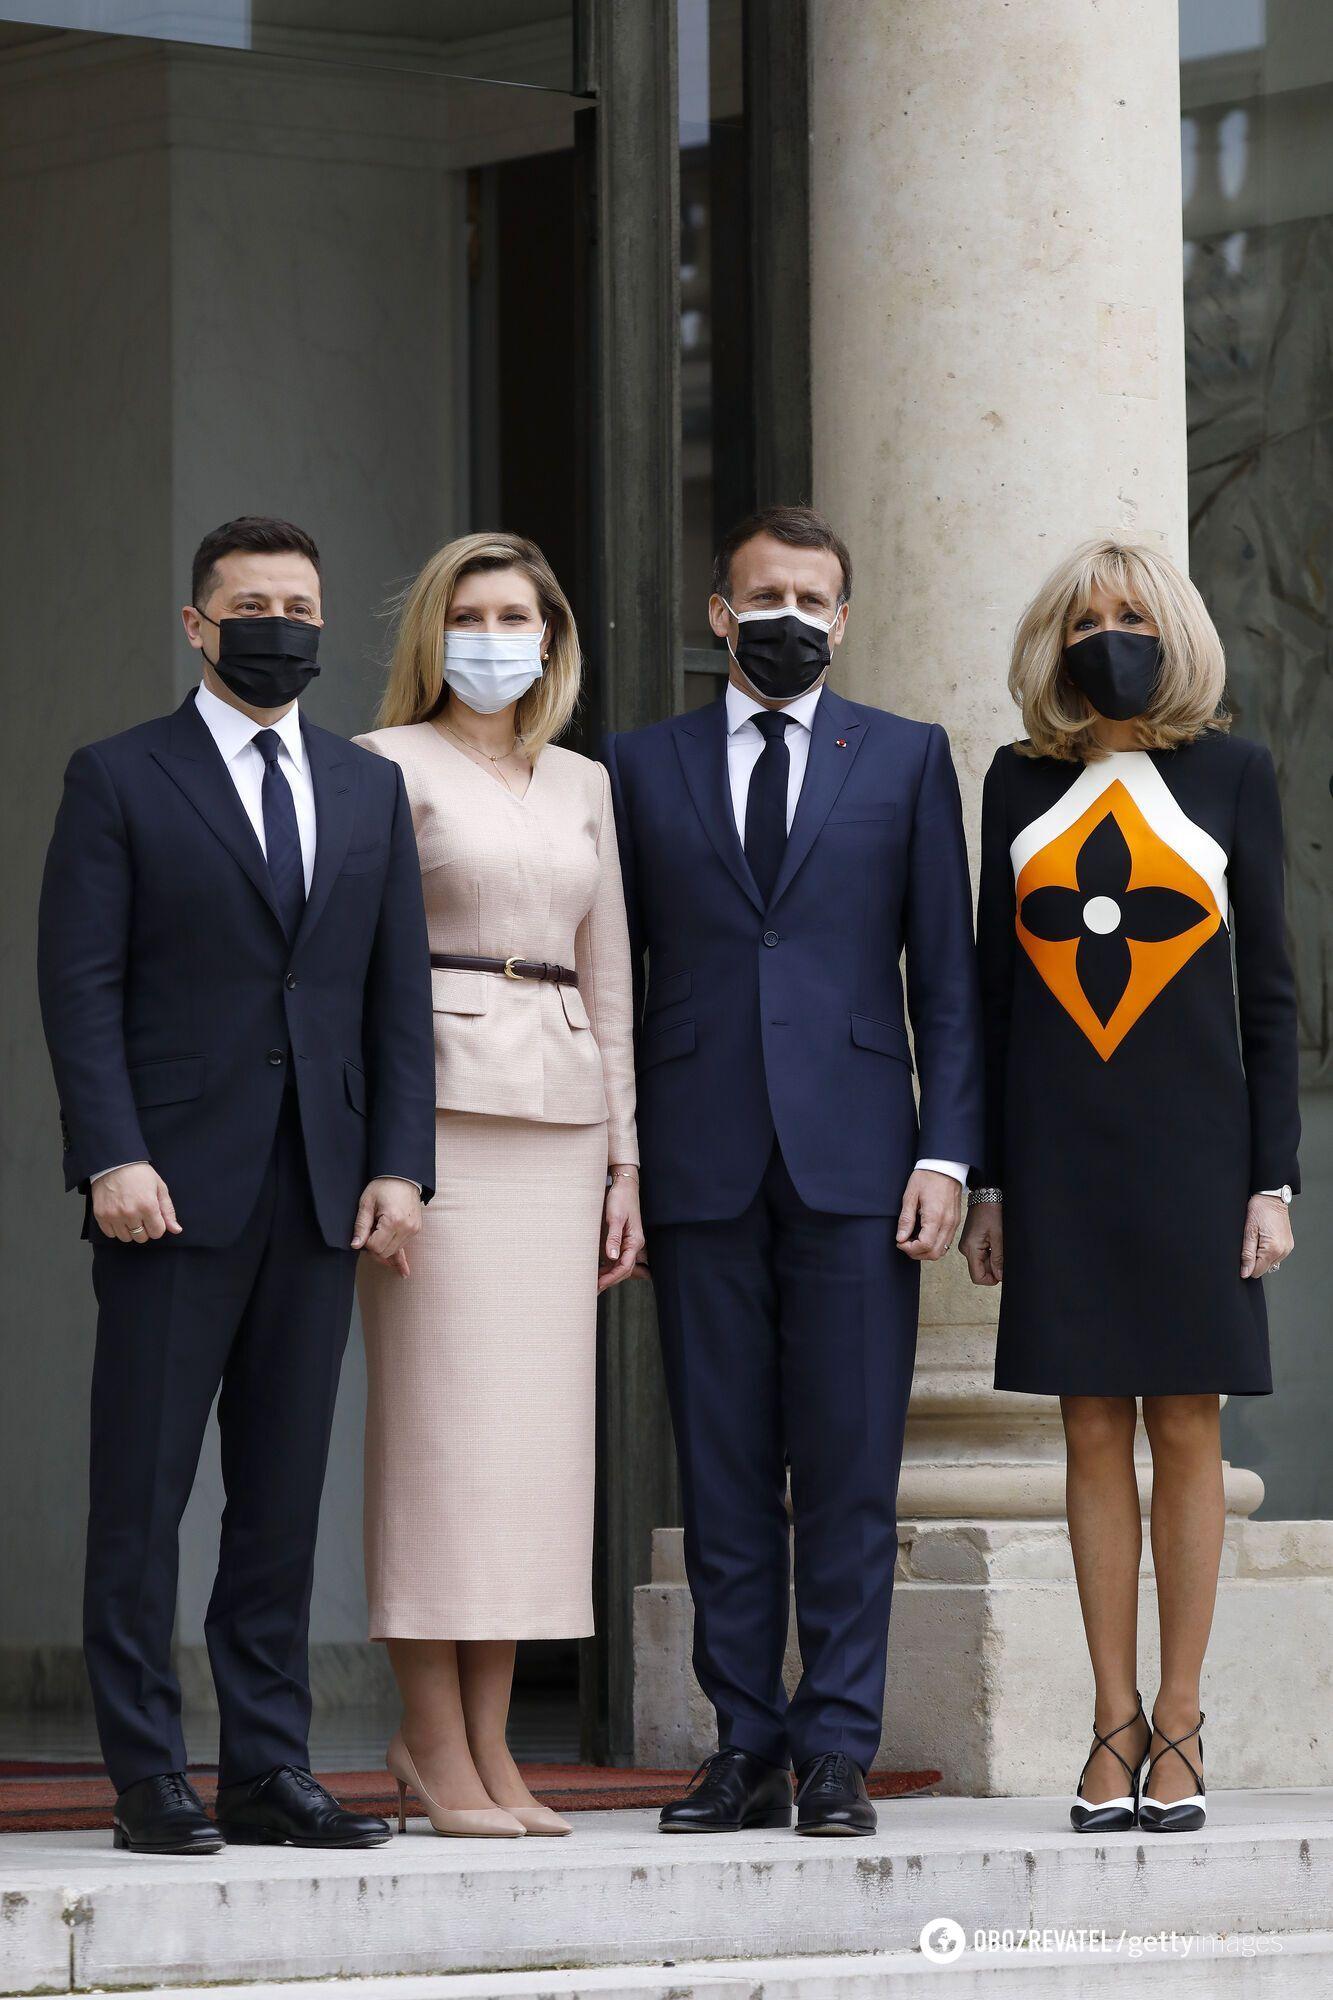 Владимир Зеленский с женой Еленой и Эманнуель Макрон с женой Брижит